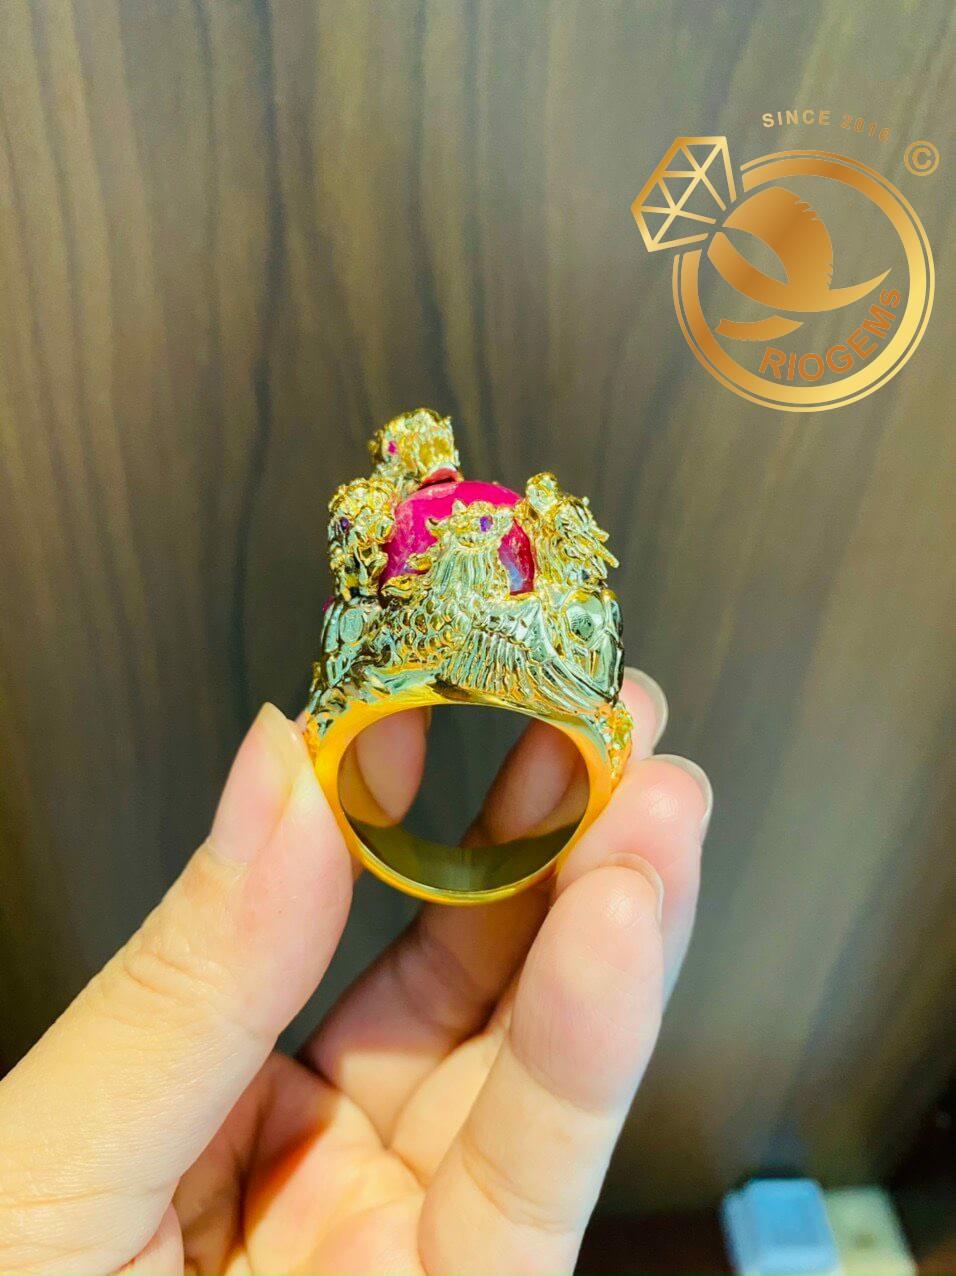 Nhẫn tứ linh đẹp - Sản phẩm bán chạy của nhà RIOGEMs